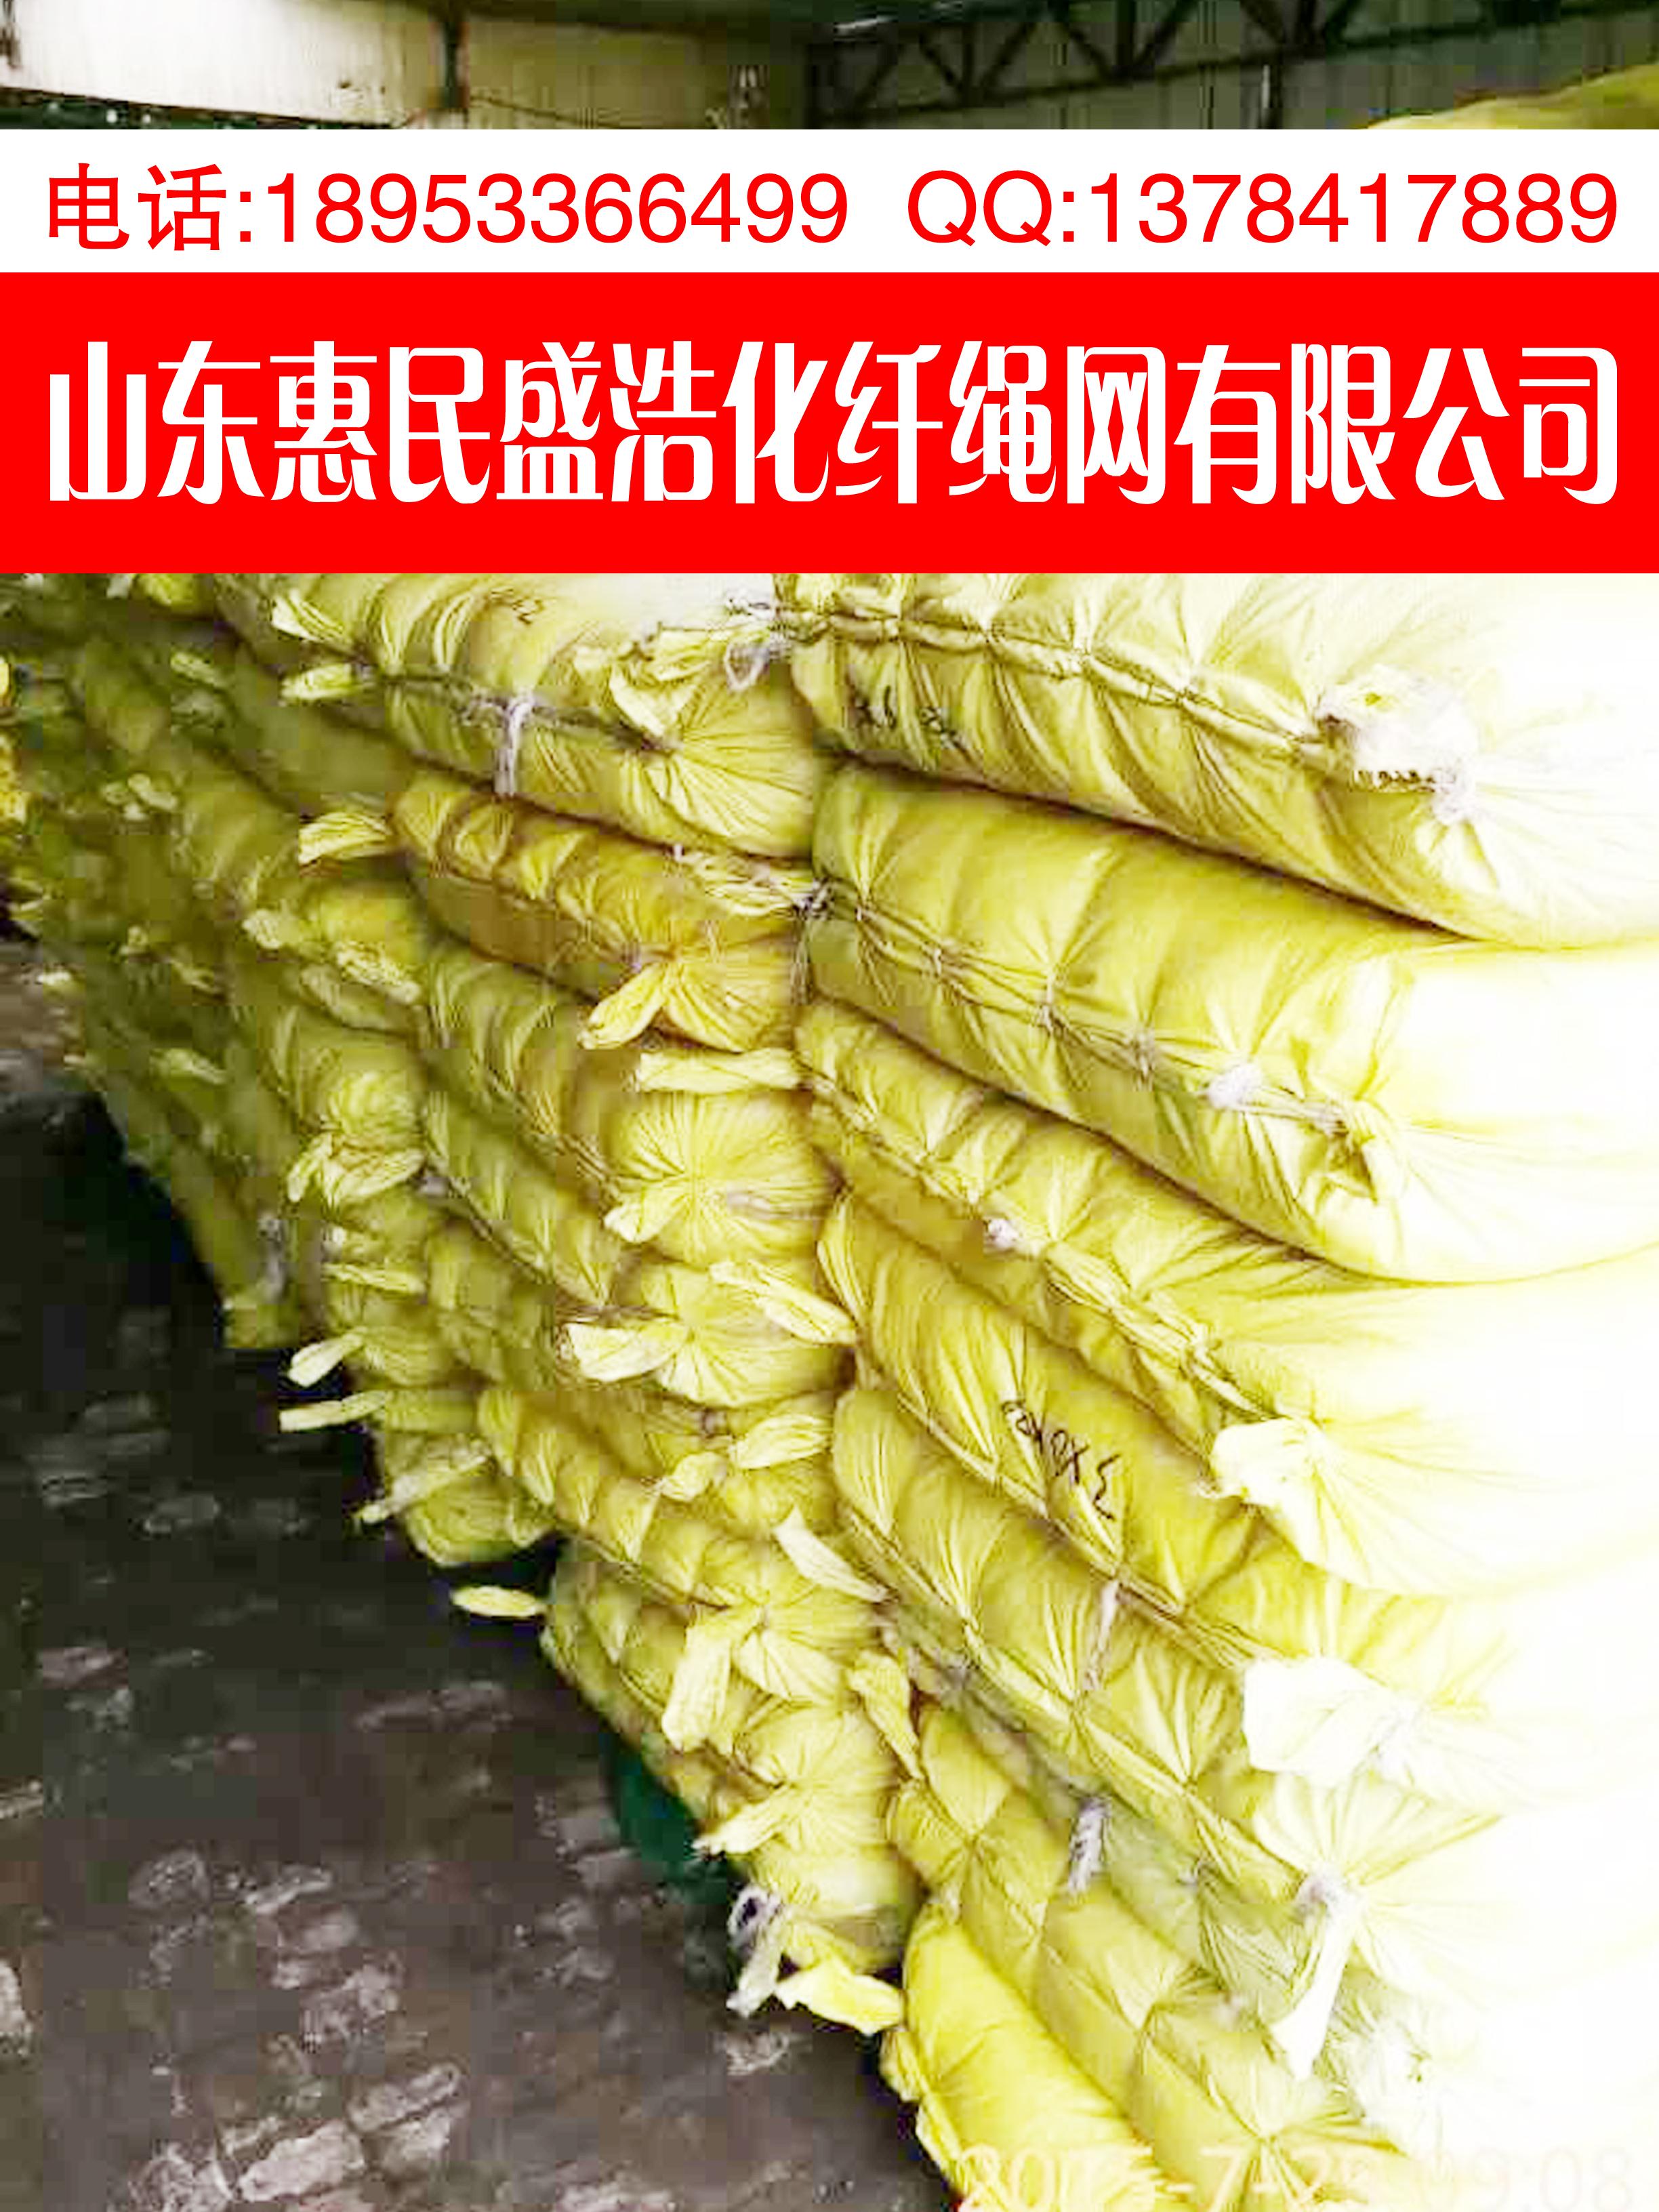 供应滨州建筑防护网生产厂家   建筑防护网电话 建筑防护网种类